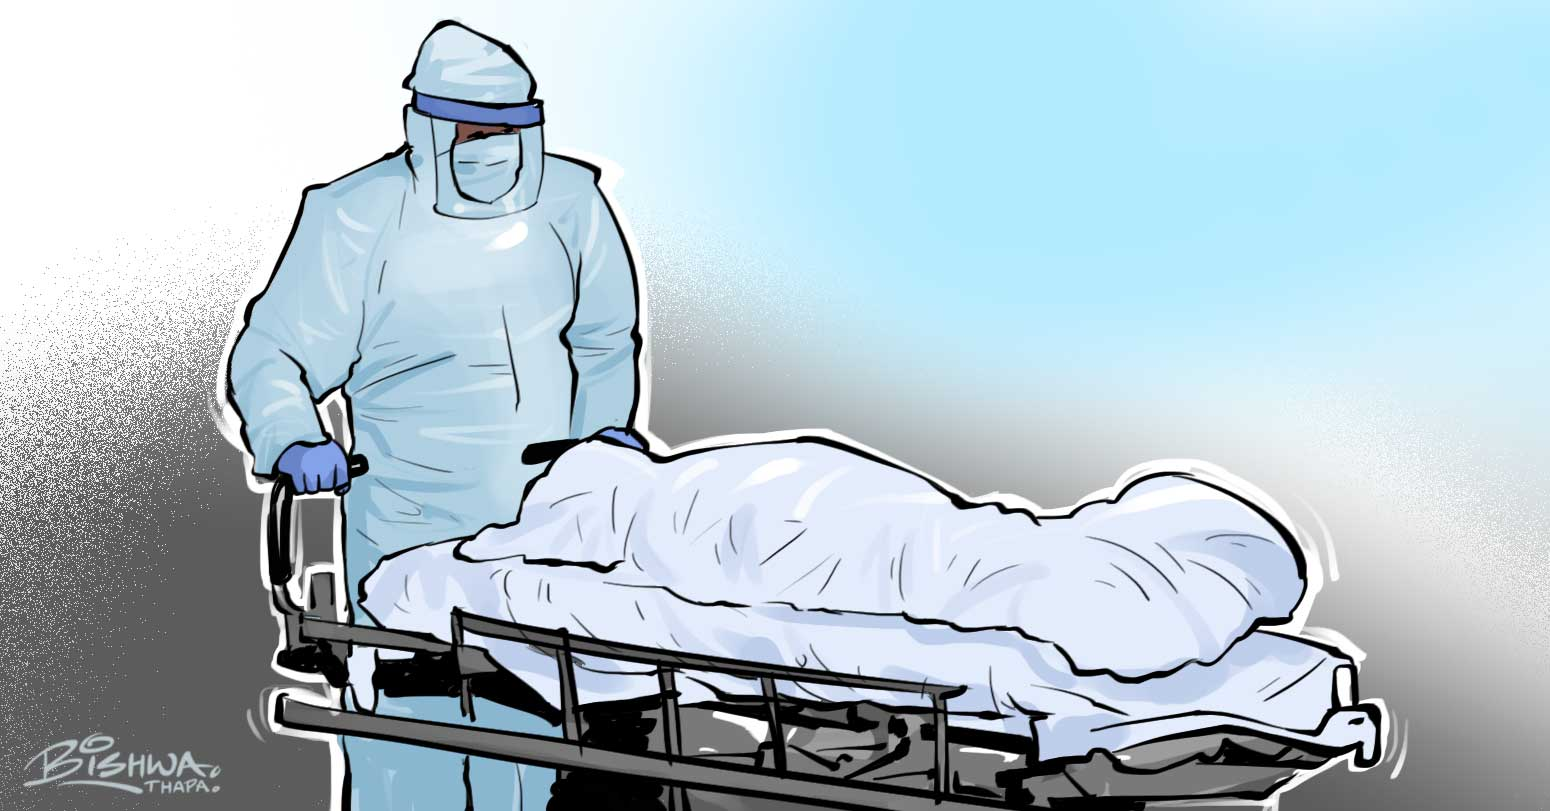 कास्कीमा कोरोनाबाट थप एक जनाको मृत्यु, ३० संक्रमित थपिए